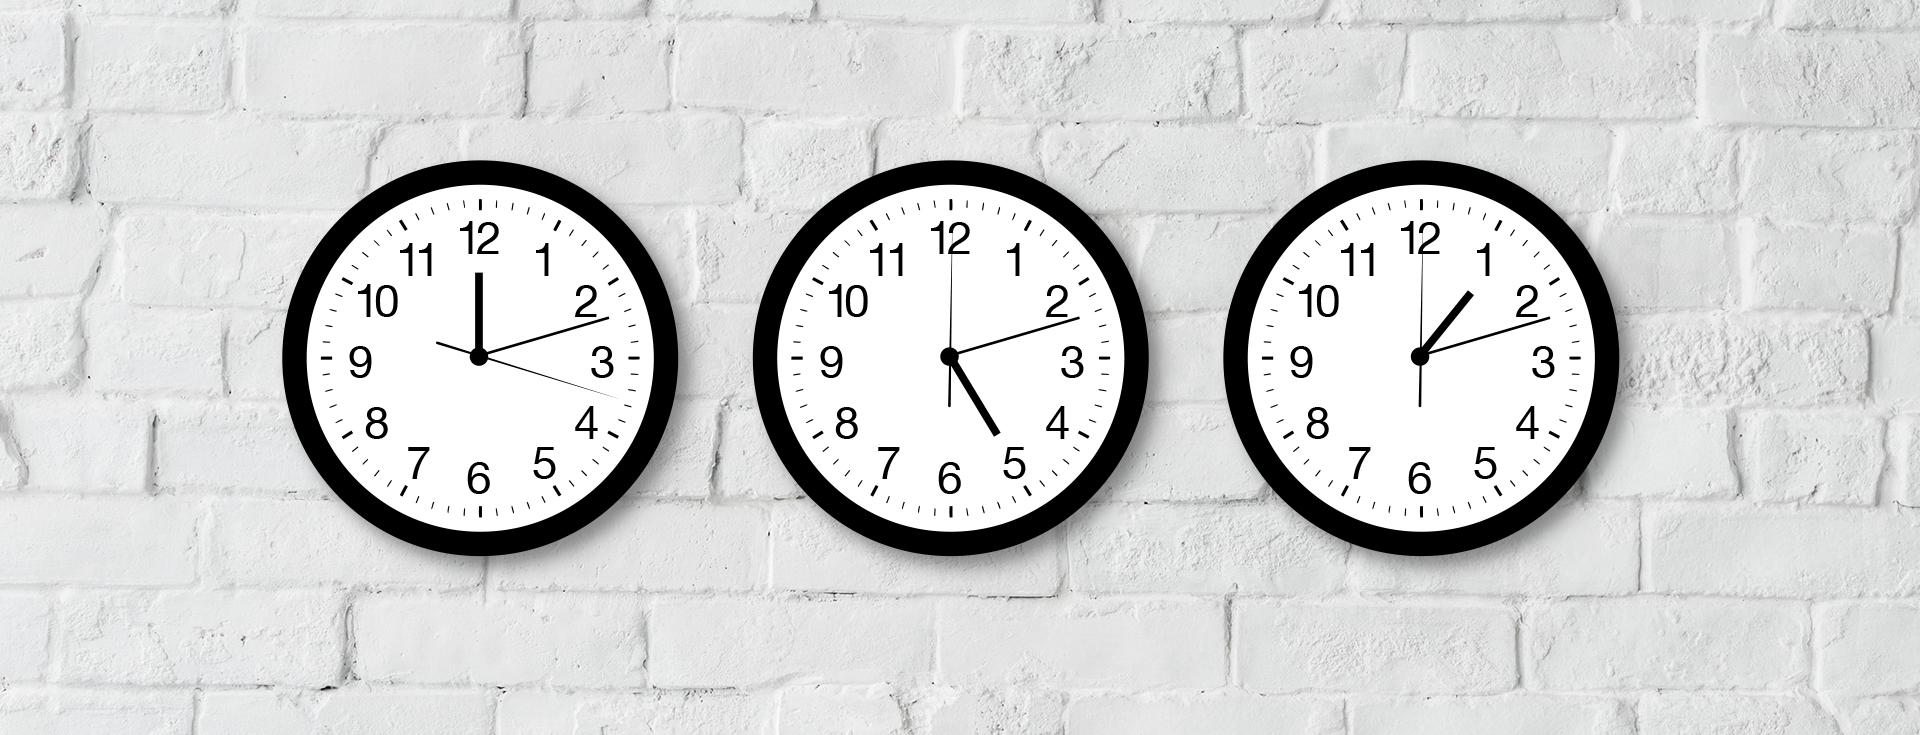 I 3 tempi del ristorante – La gestione del tempo nella ristorazione